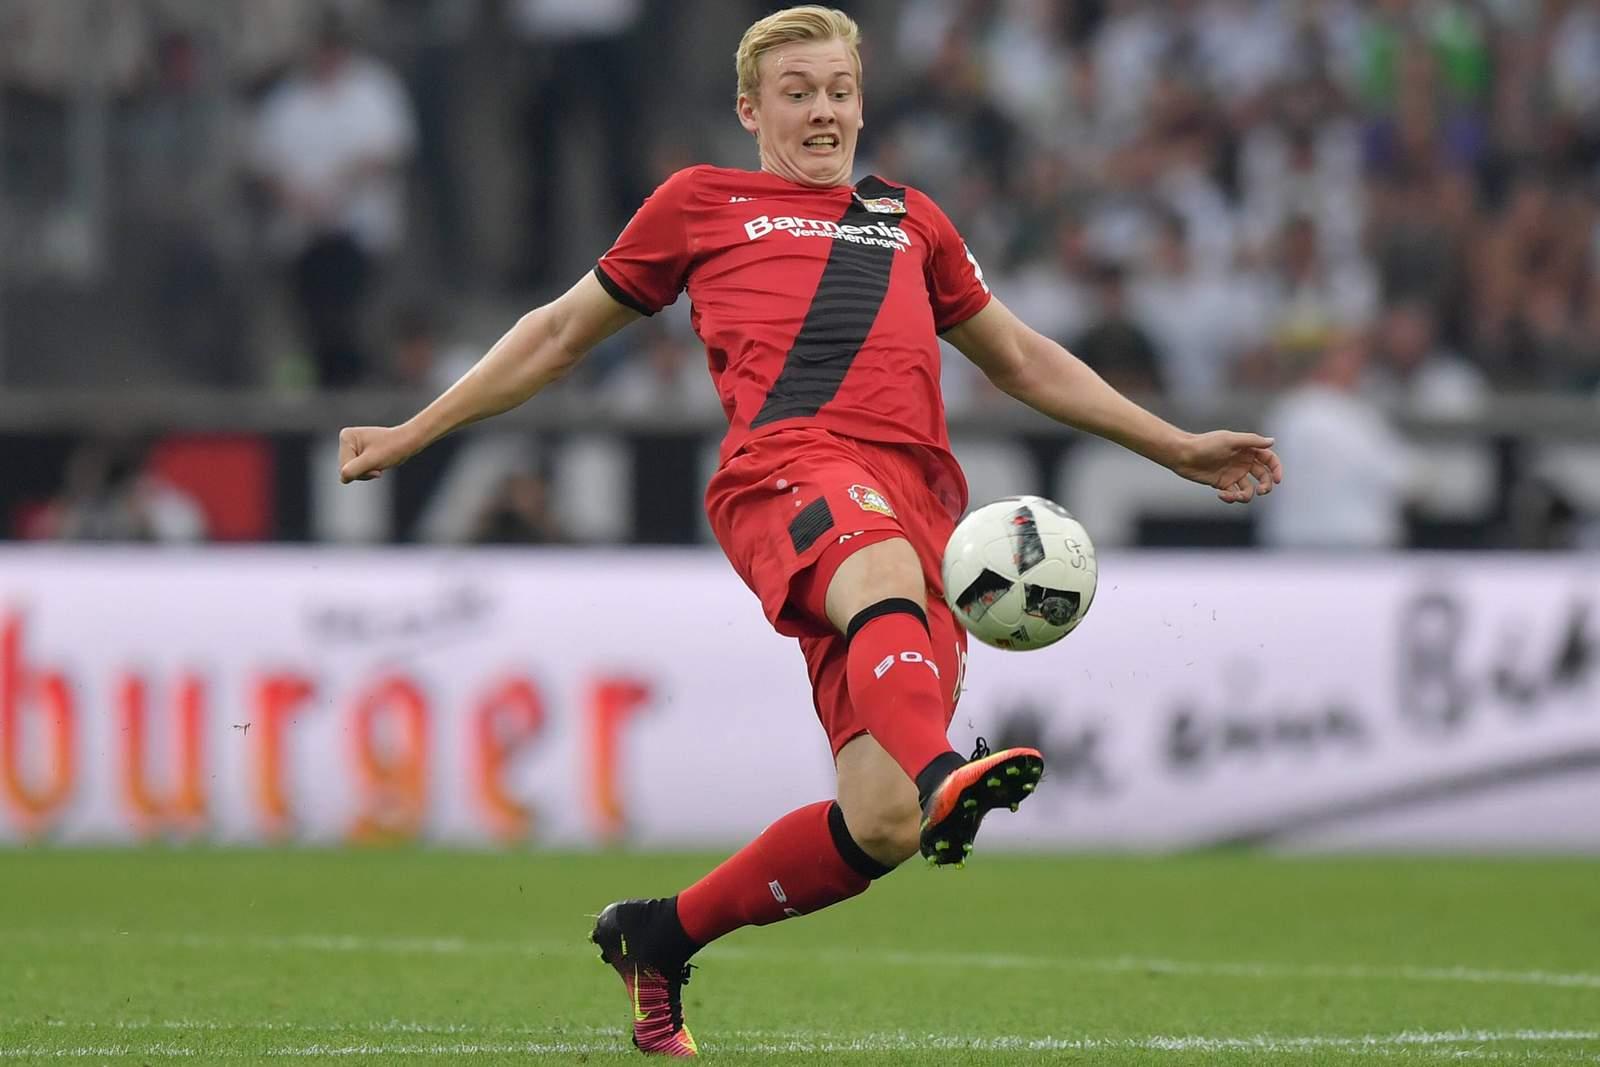 Julian Brandt am Ball. Jetzt auf Leverkusen gegen Hertha BSC wetten!